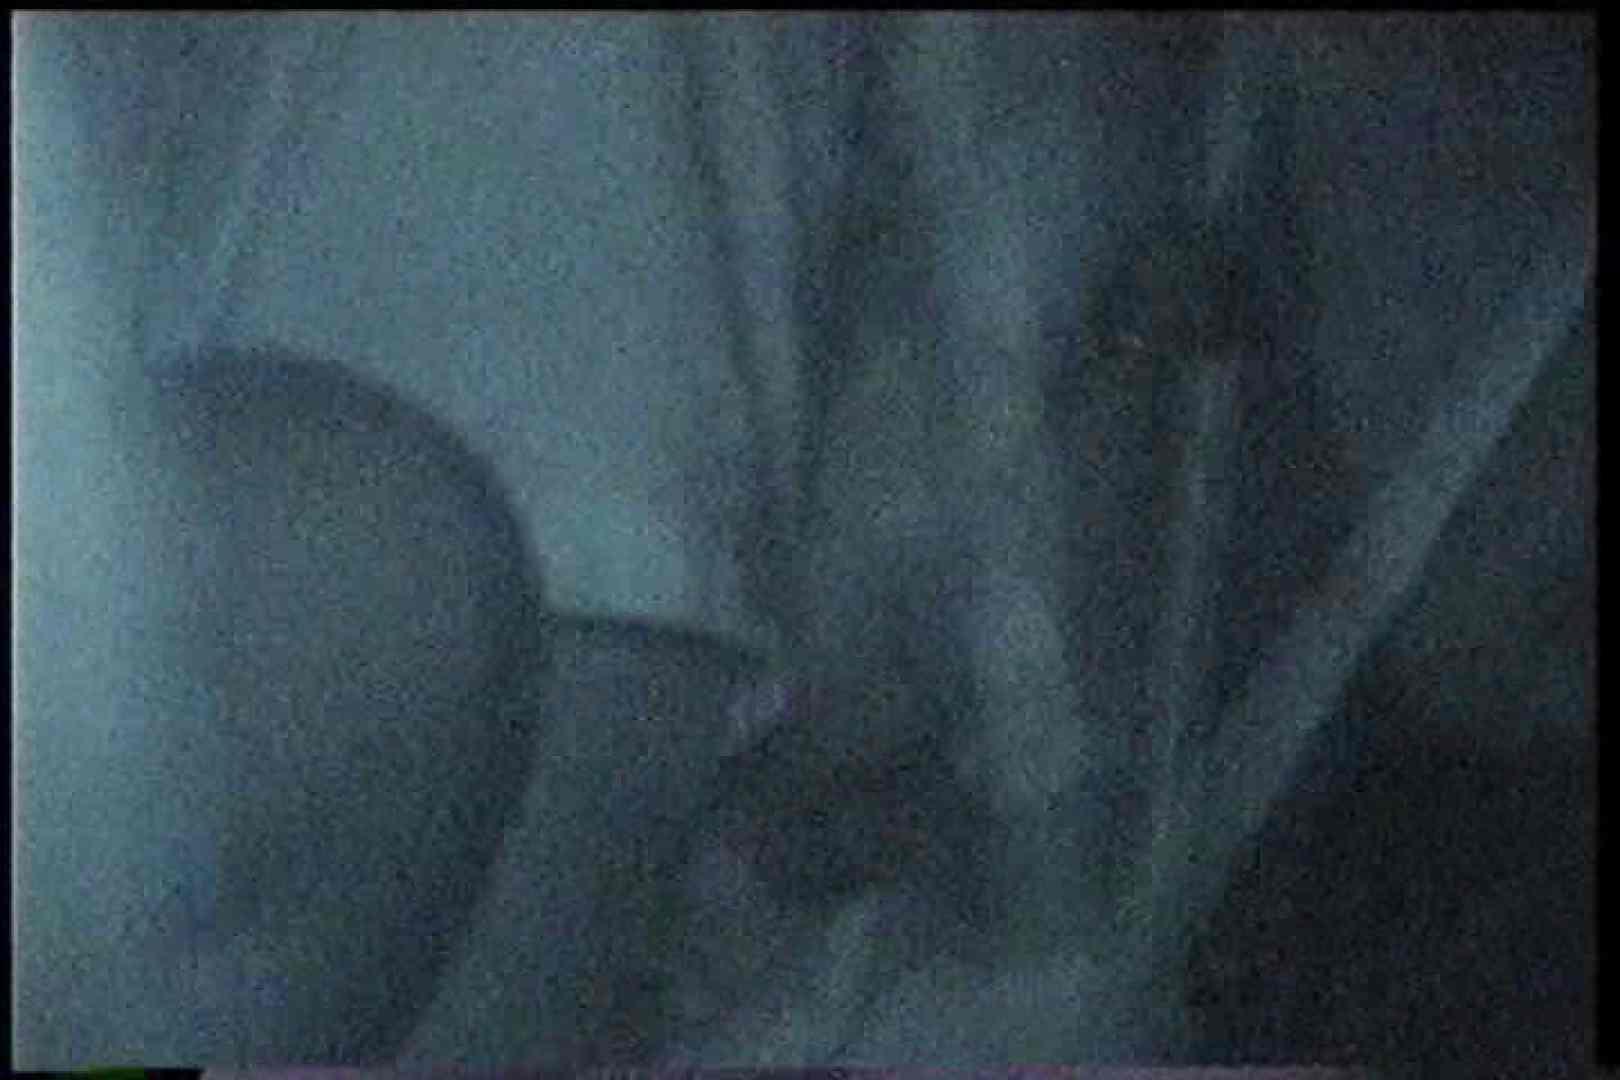 充血監督の深夜の運動会Vol.167 エロティックなOL おまんこ無修正動画無料 103画像 92